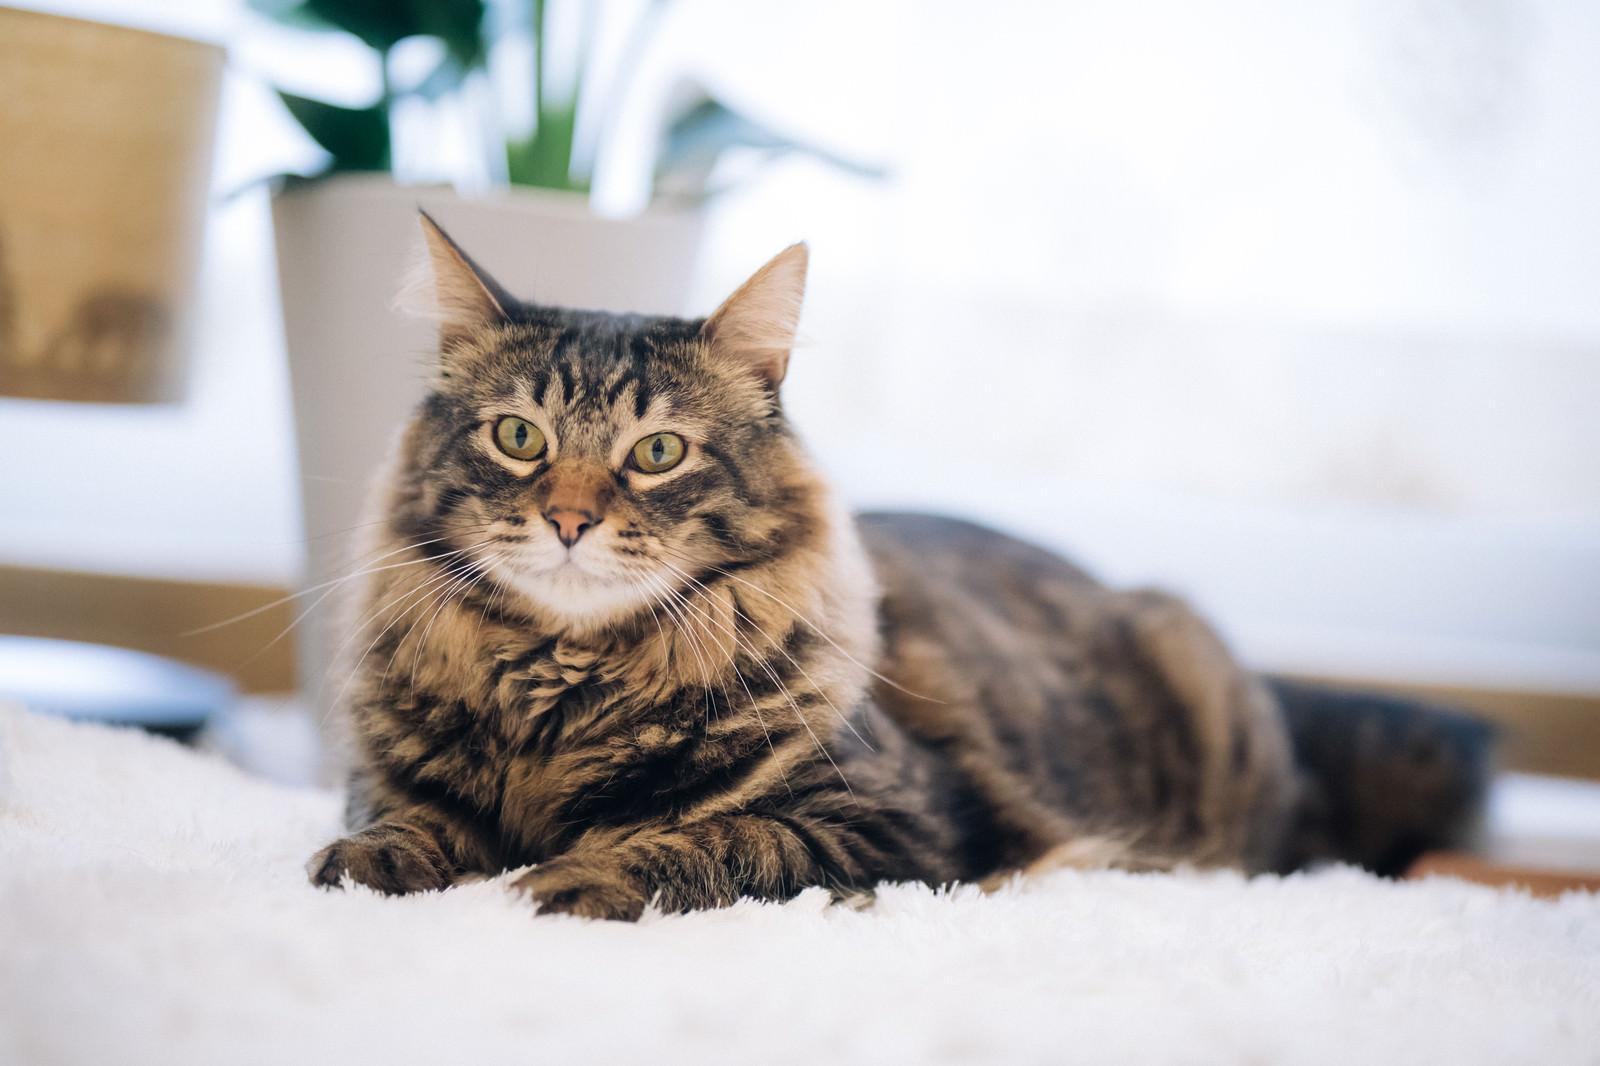 「大人の余裕さえ感じ取れる猫」の写真